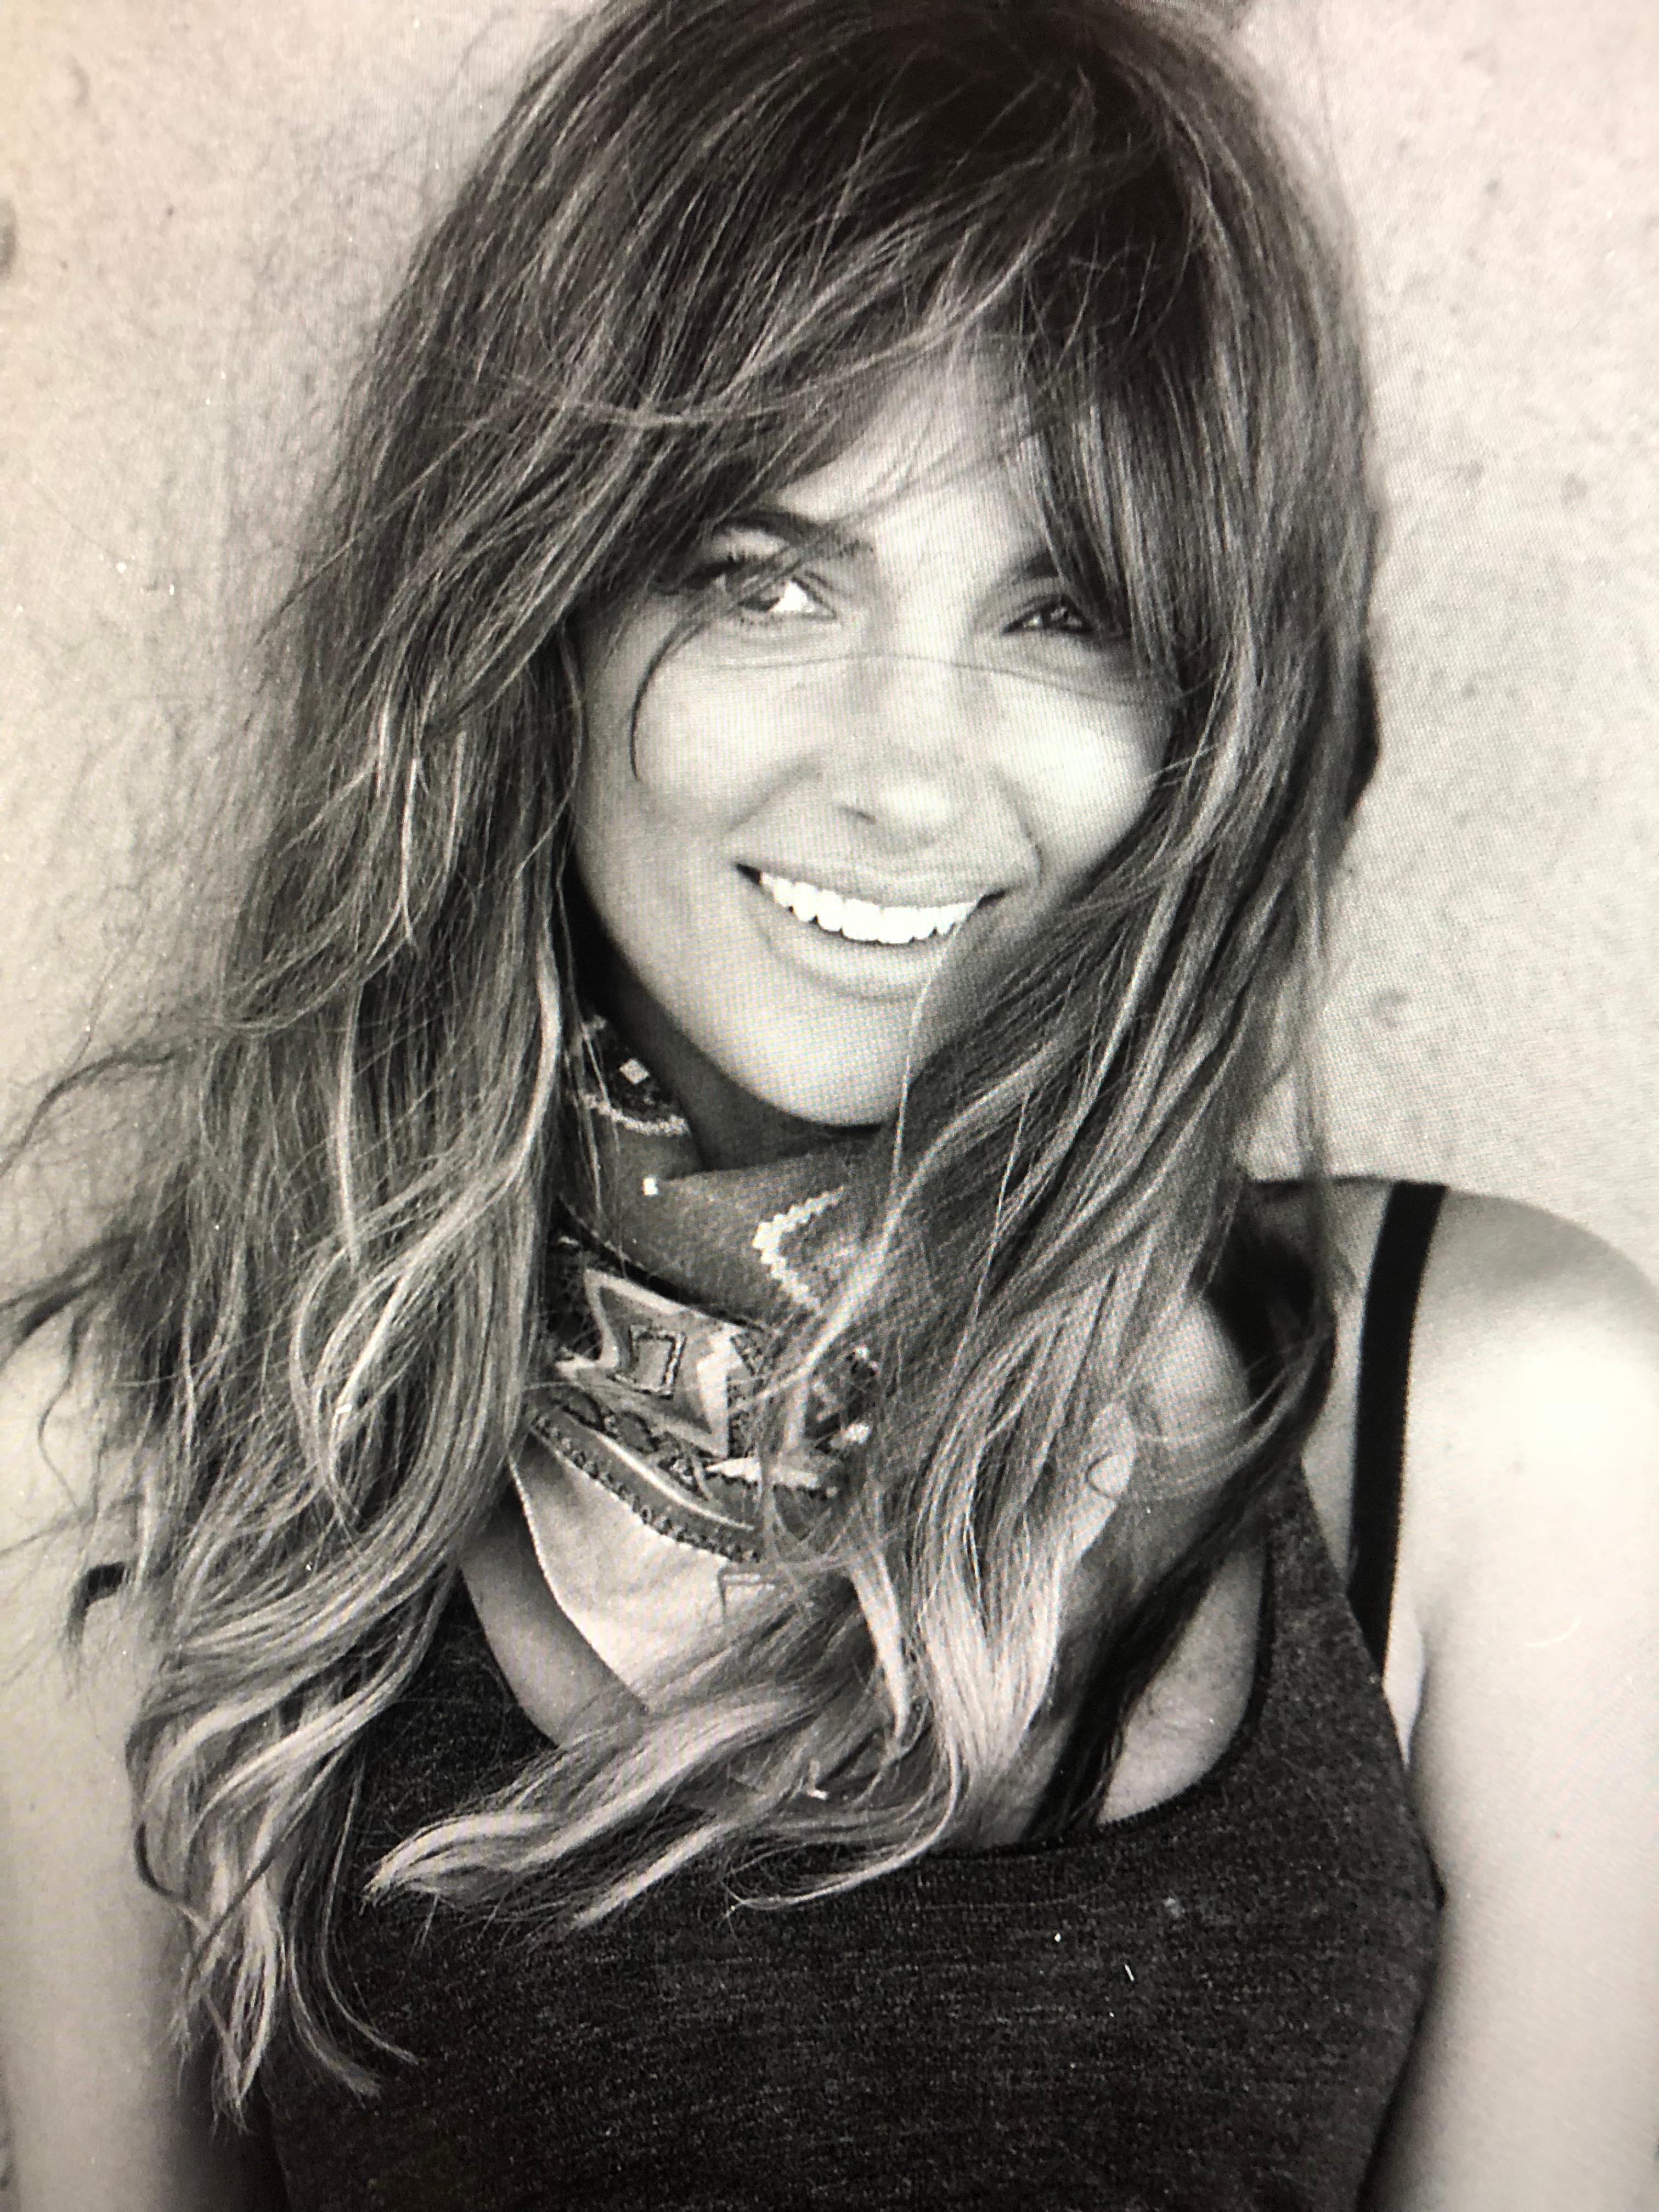 Aria Pullman nude photos 2019